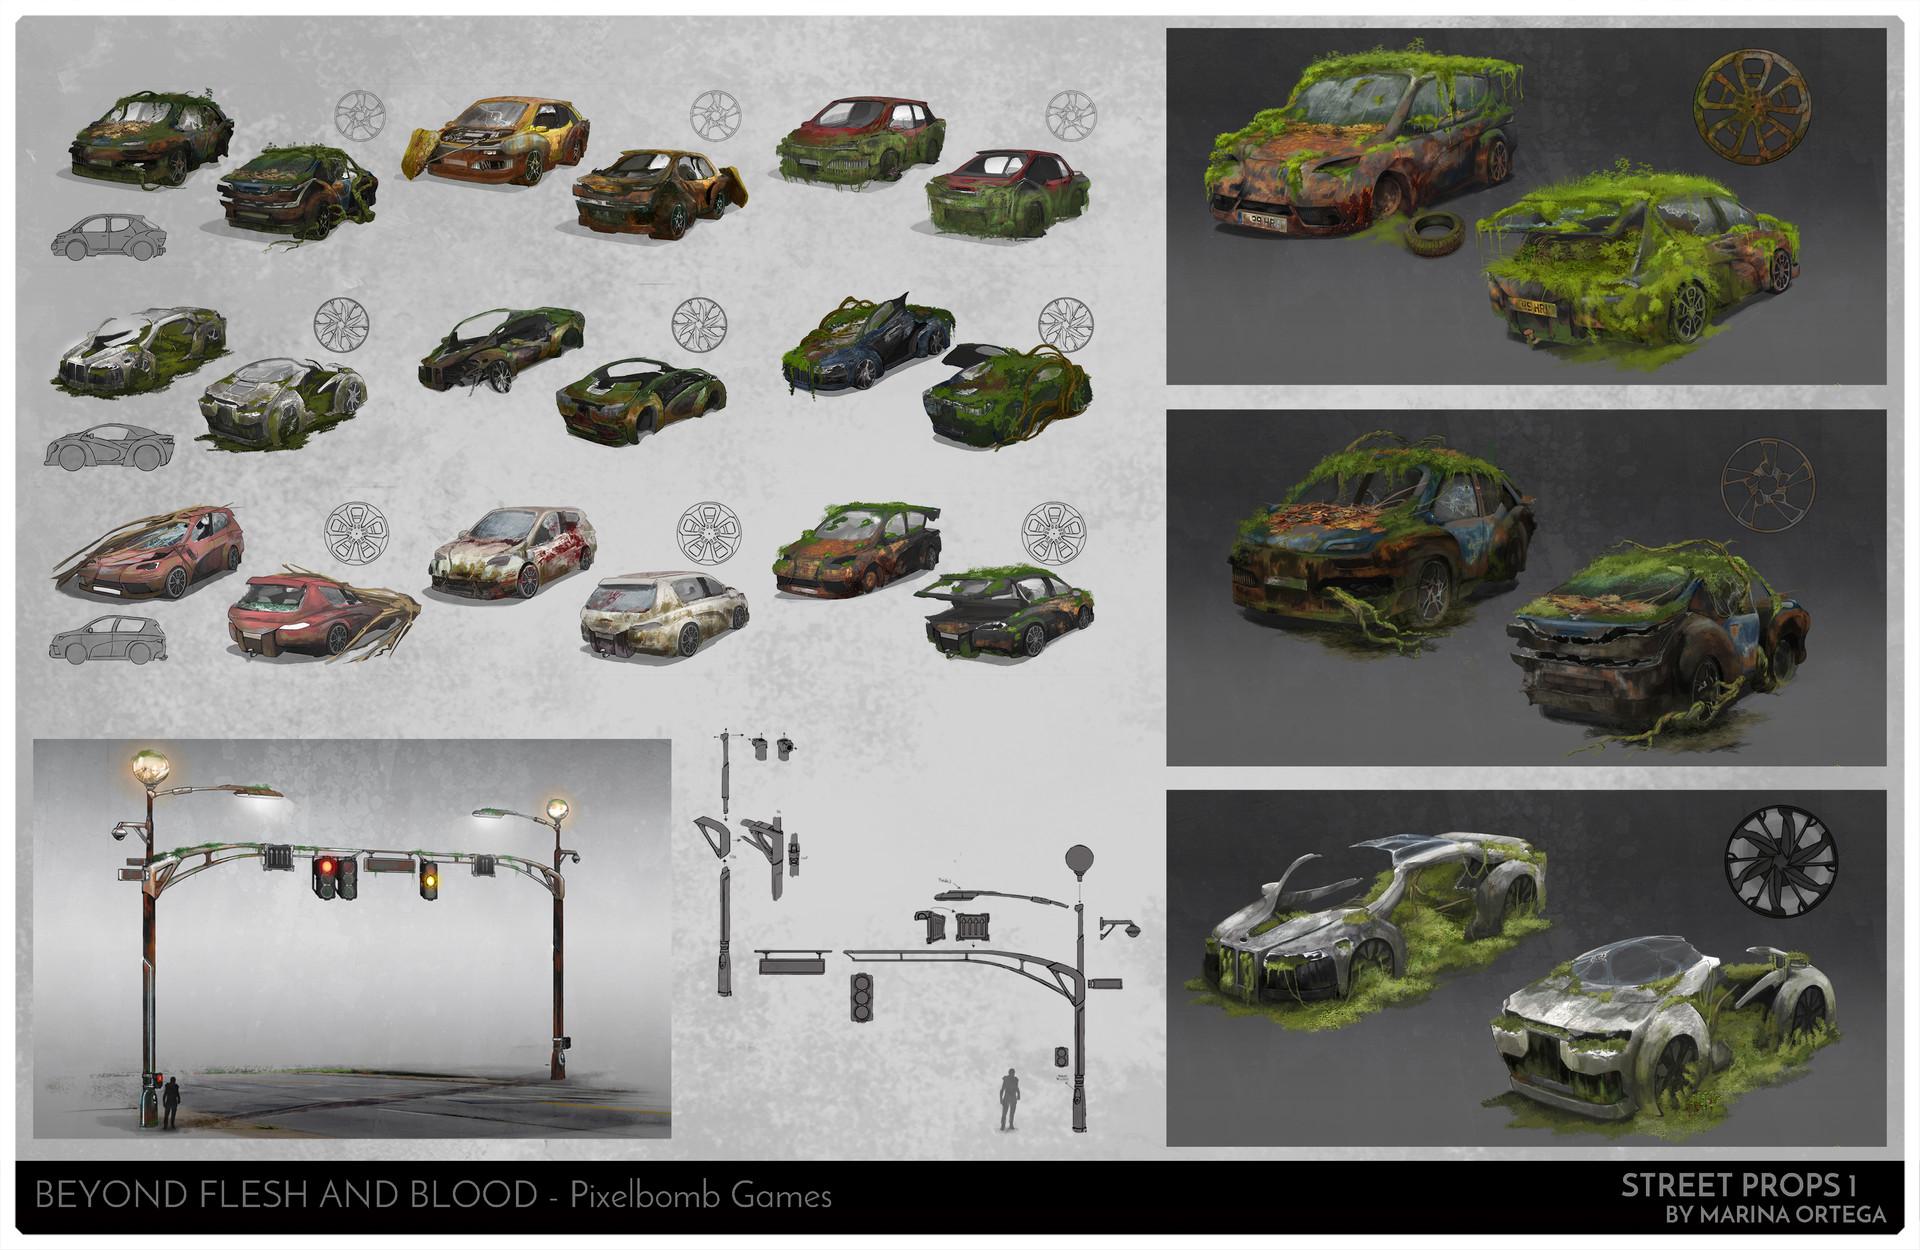 Marina ortega www artofmarinaortega com concept art page6 streetprops1